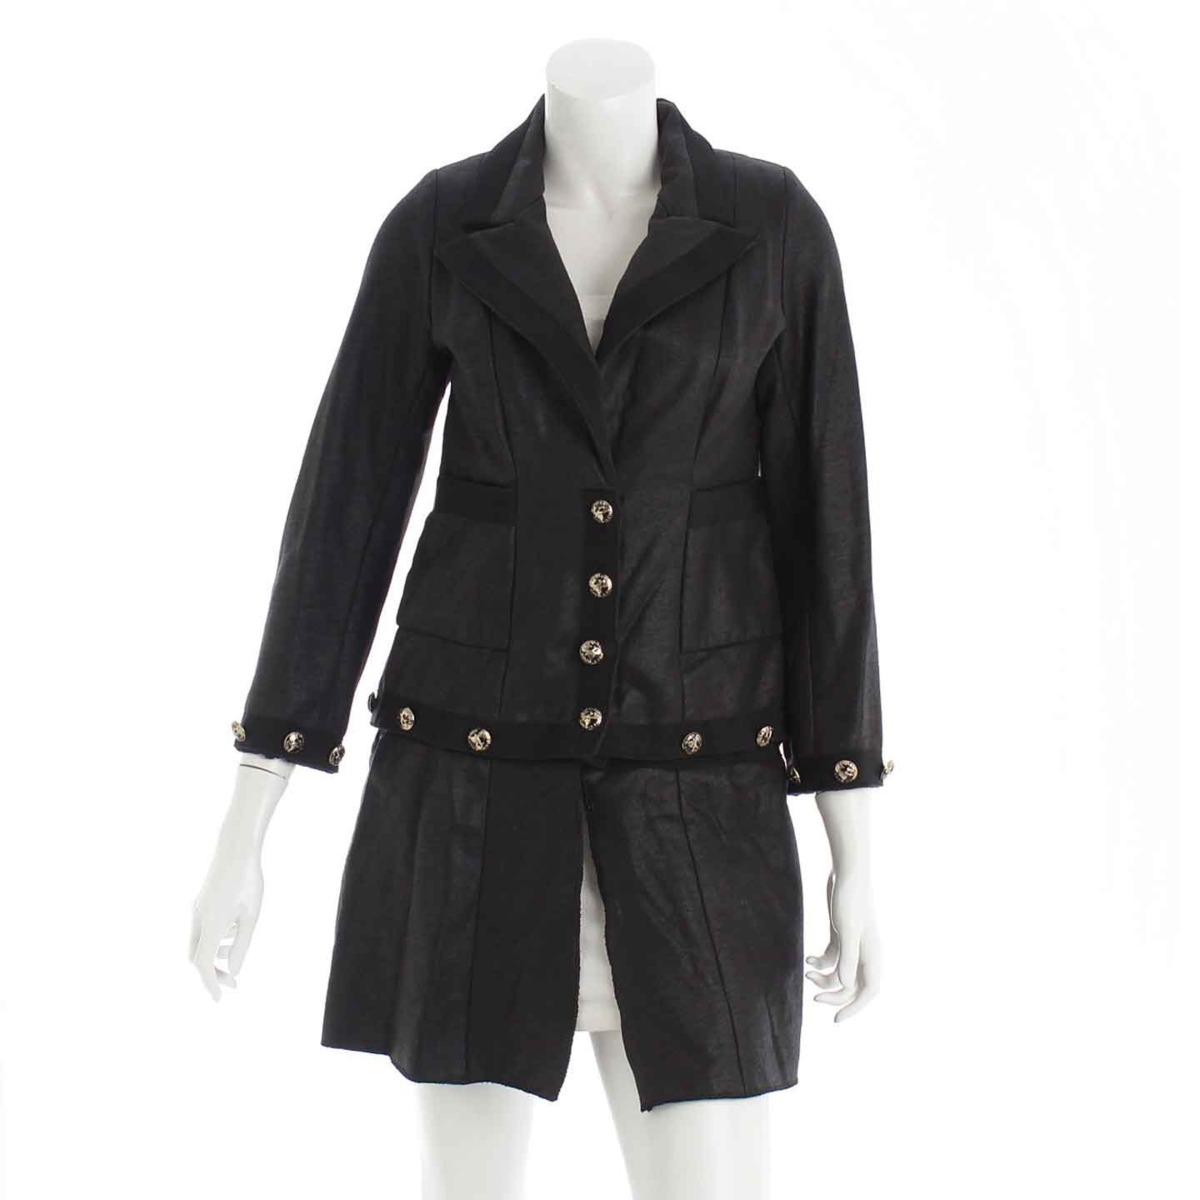 【シャネル】Chanel 08C COCO エアライン 2WAY ジャケット コート ブラック 38 【中古】【鑑定済・正規品保証】【送料無料】31582